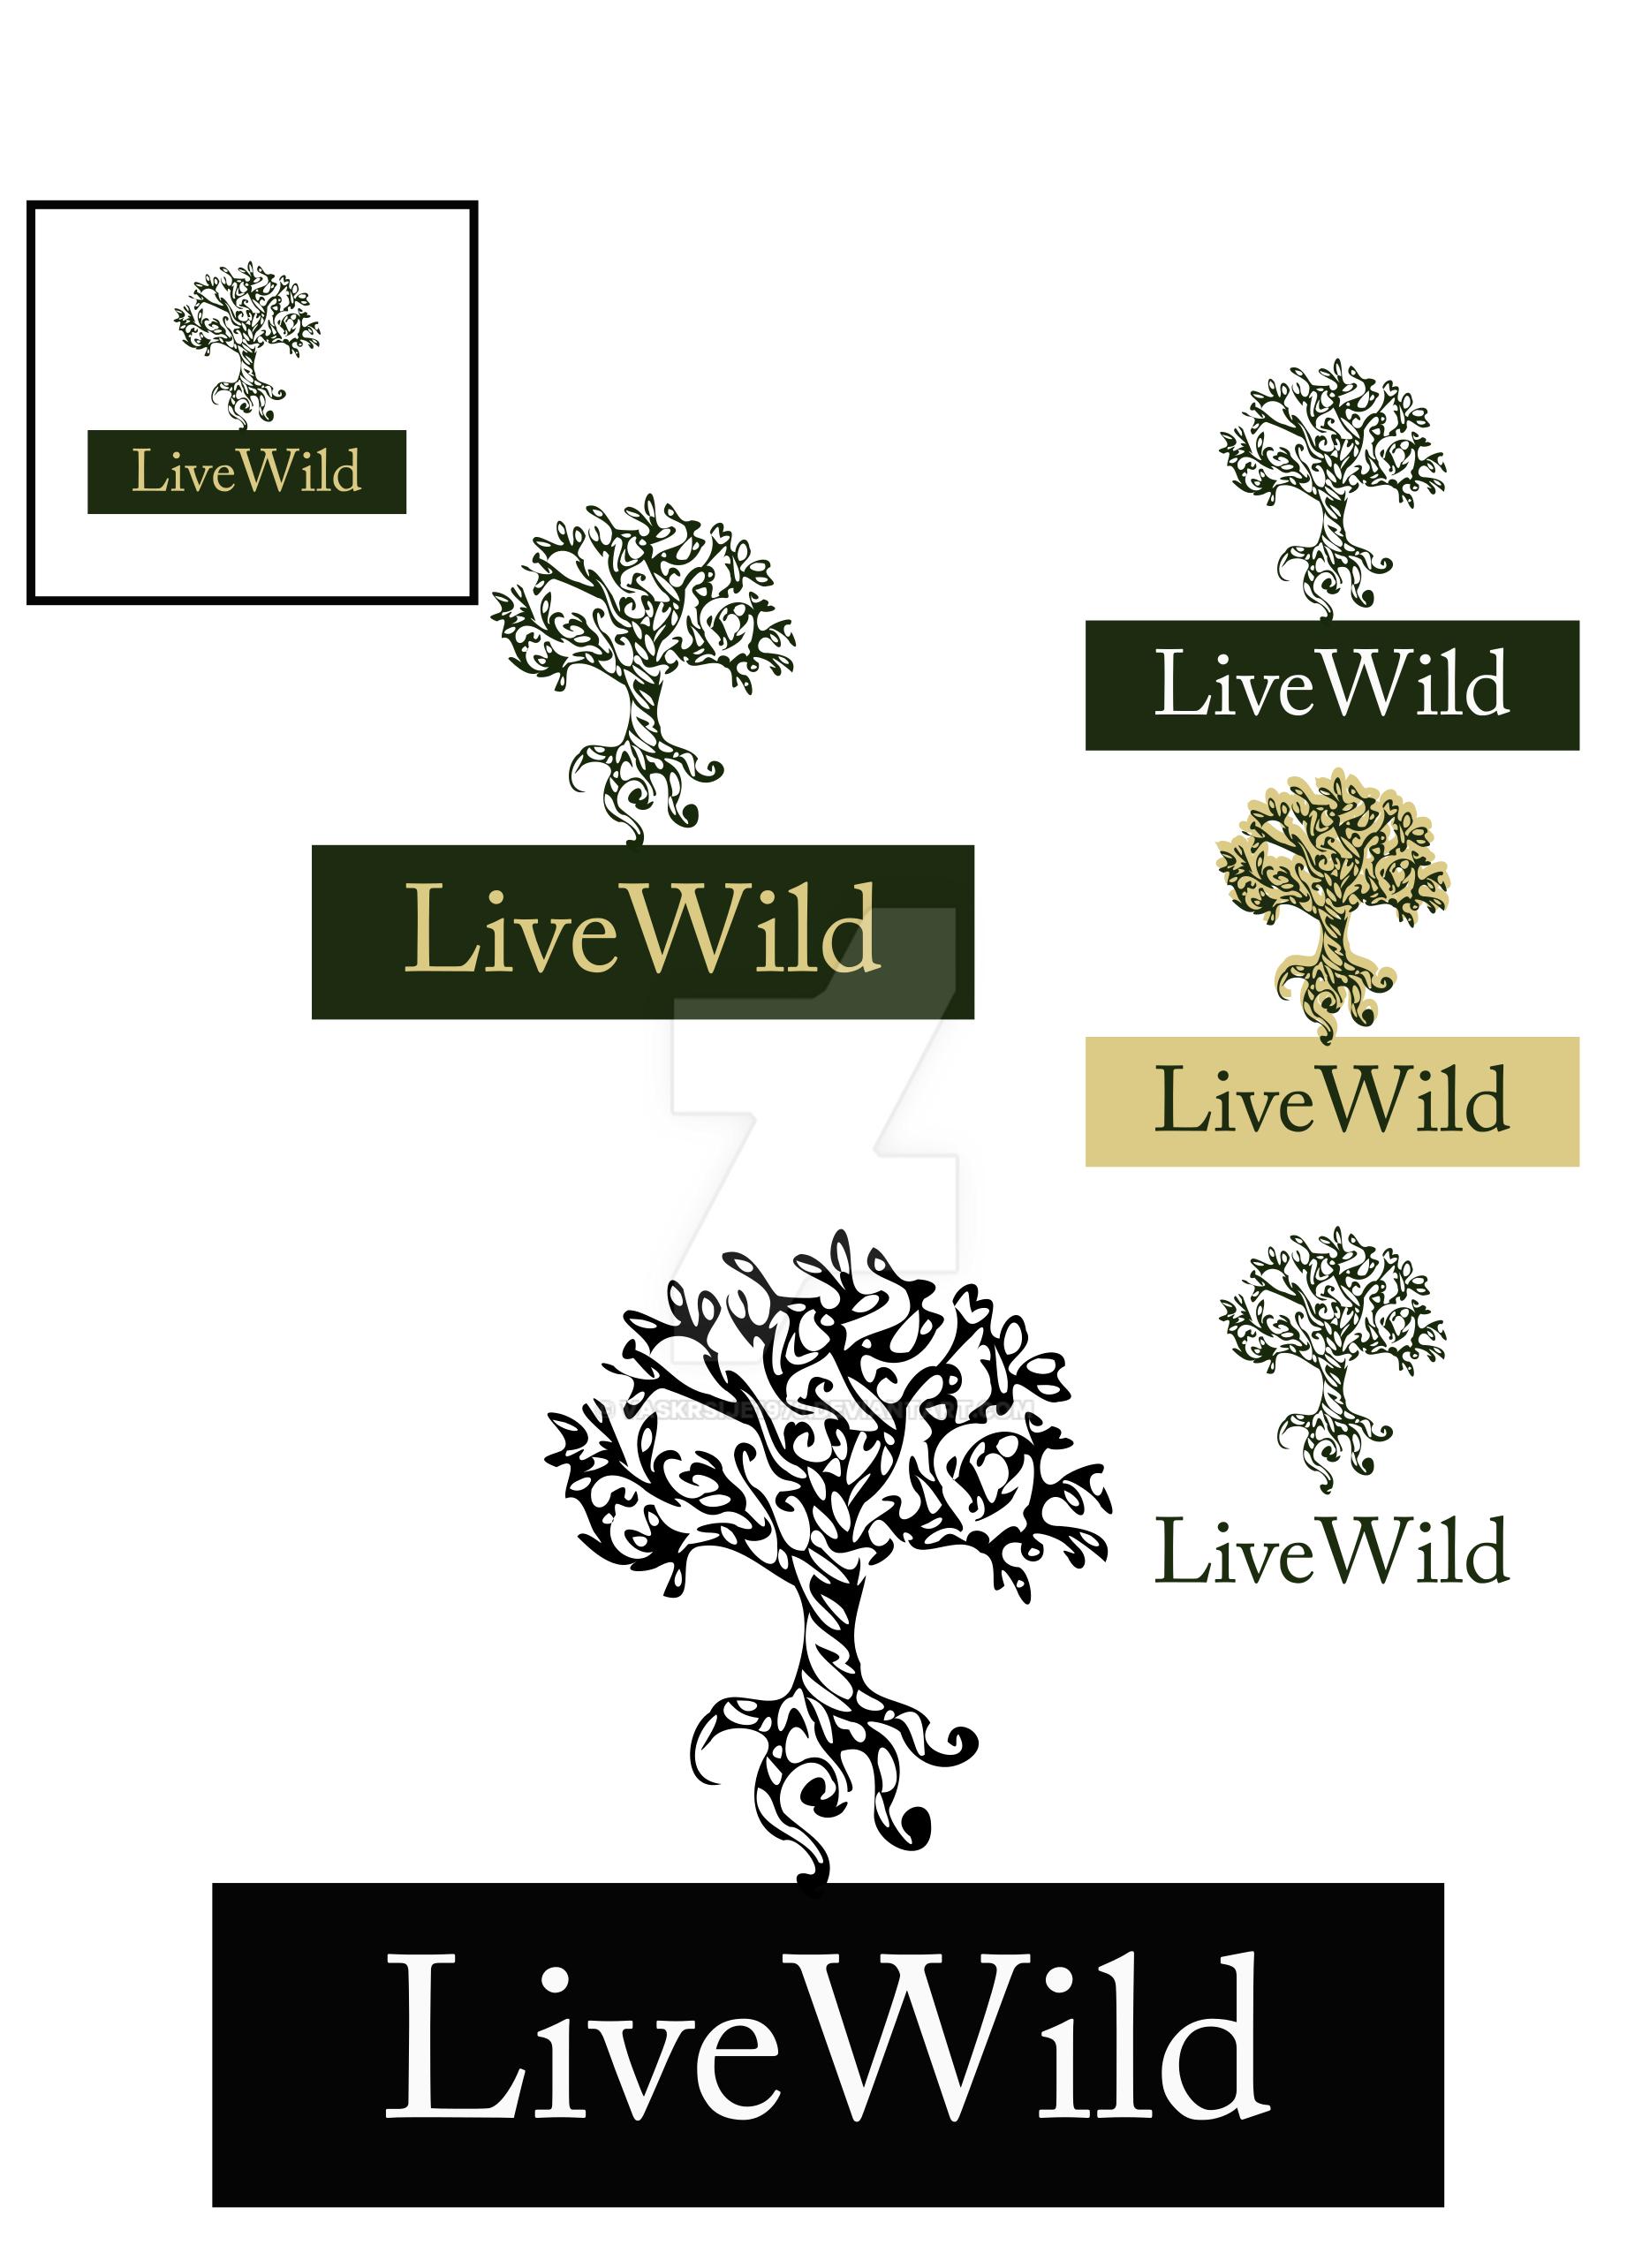 Livewild logo by Vaskrsije1978